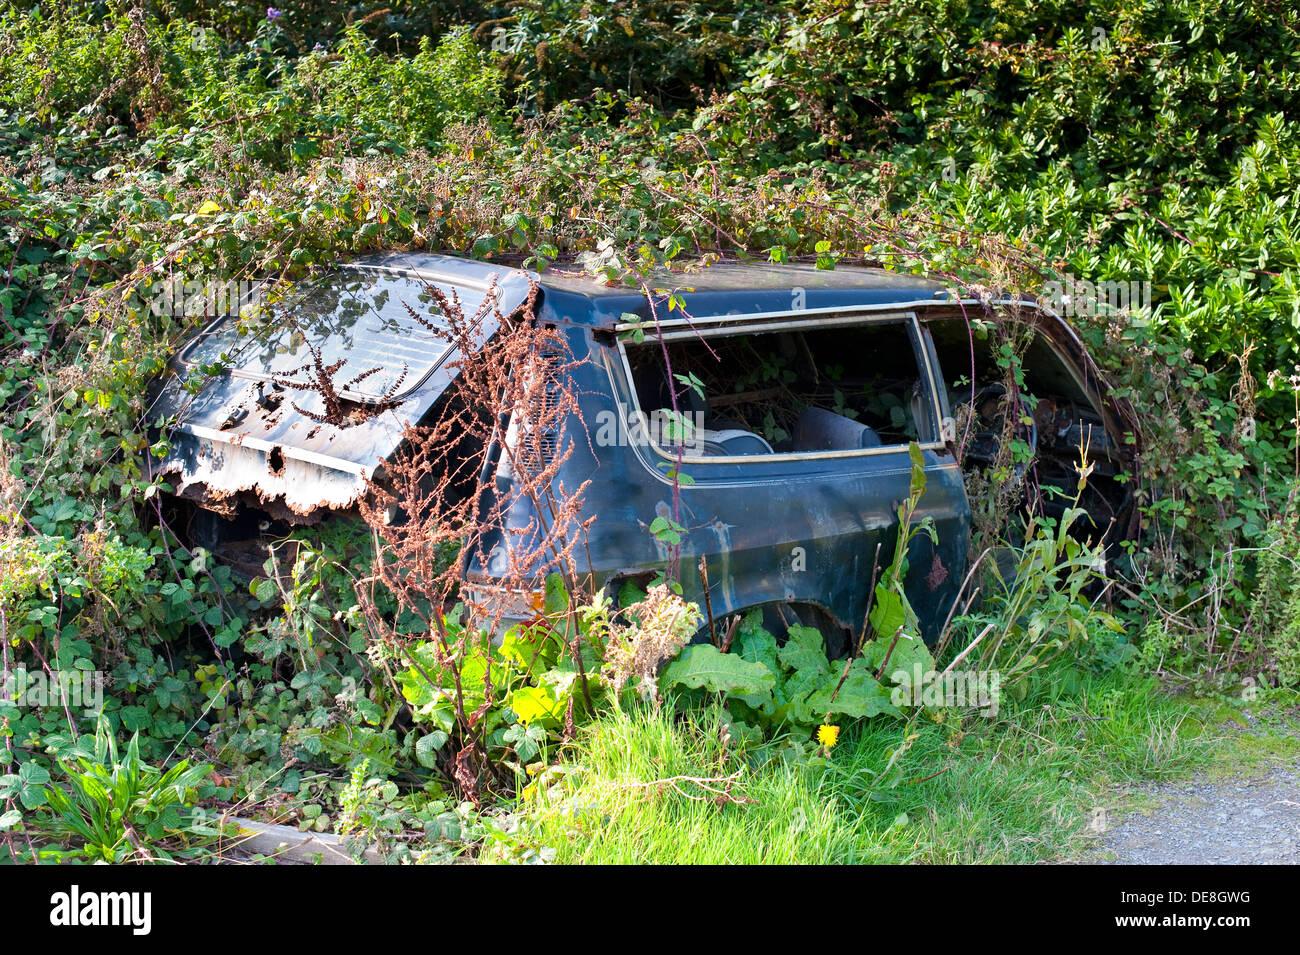 Abbandonato Austin Allegro auto nel sottobosco in Condino Devon, Inghilterra, Regno Unito Immagini Stock